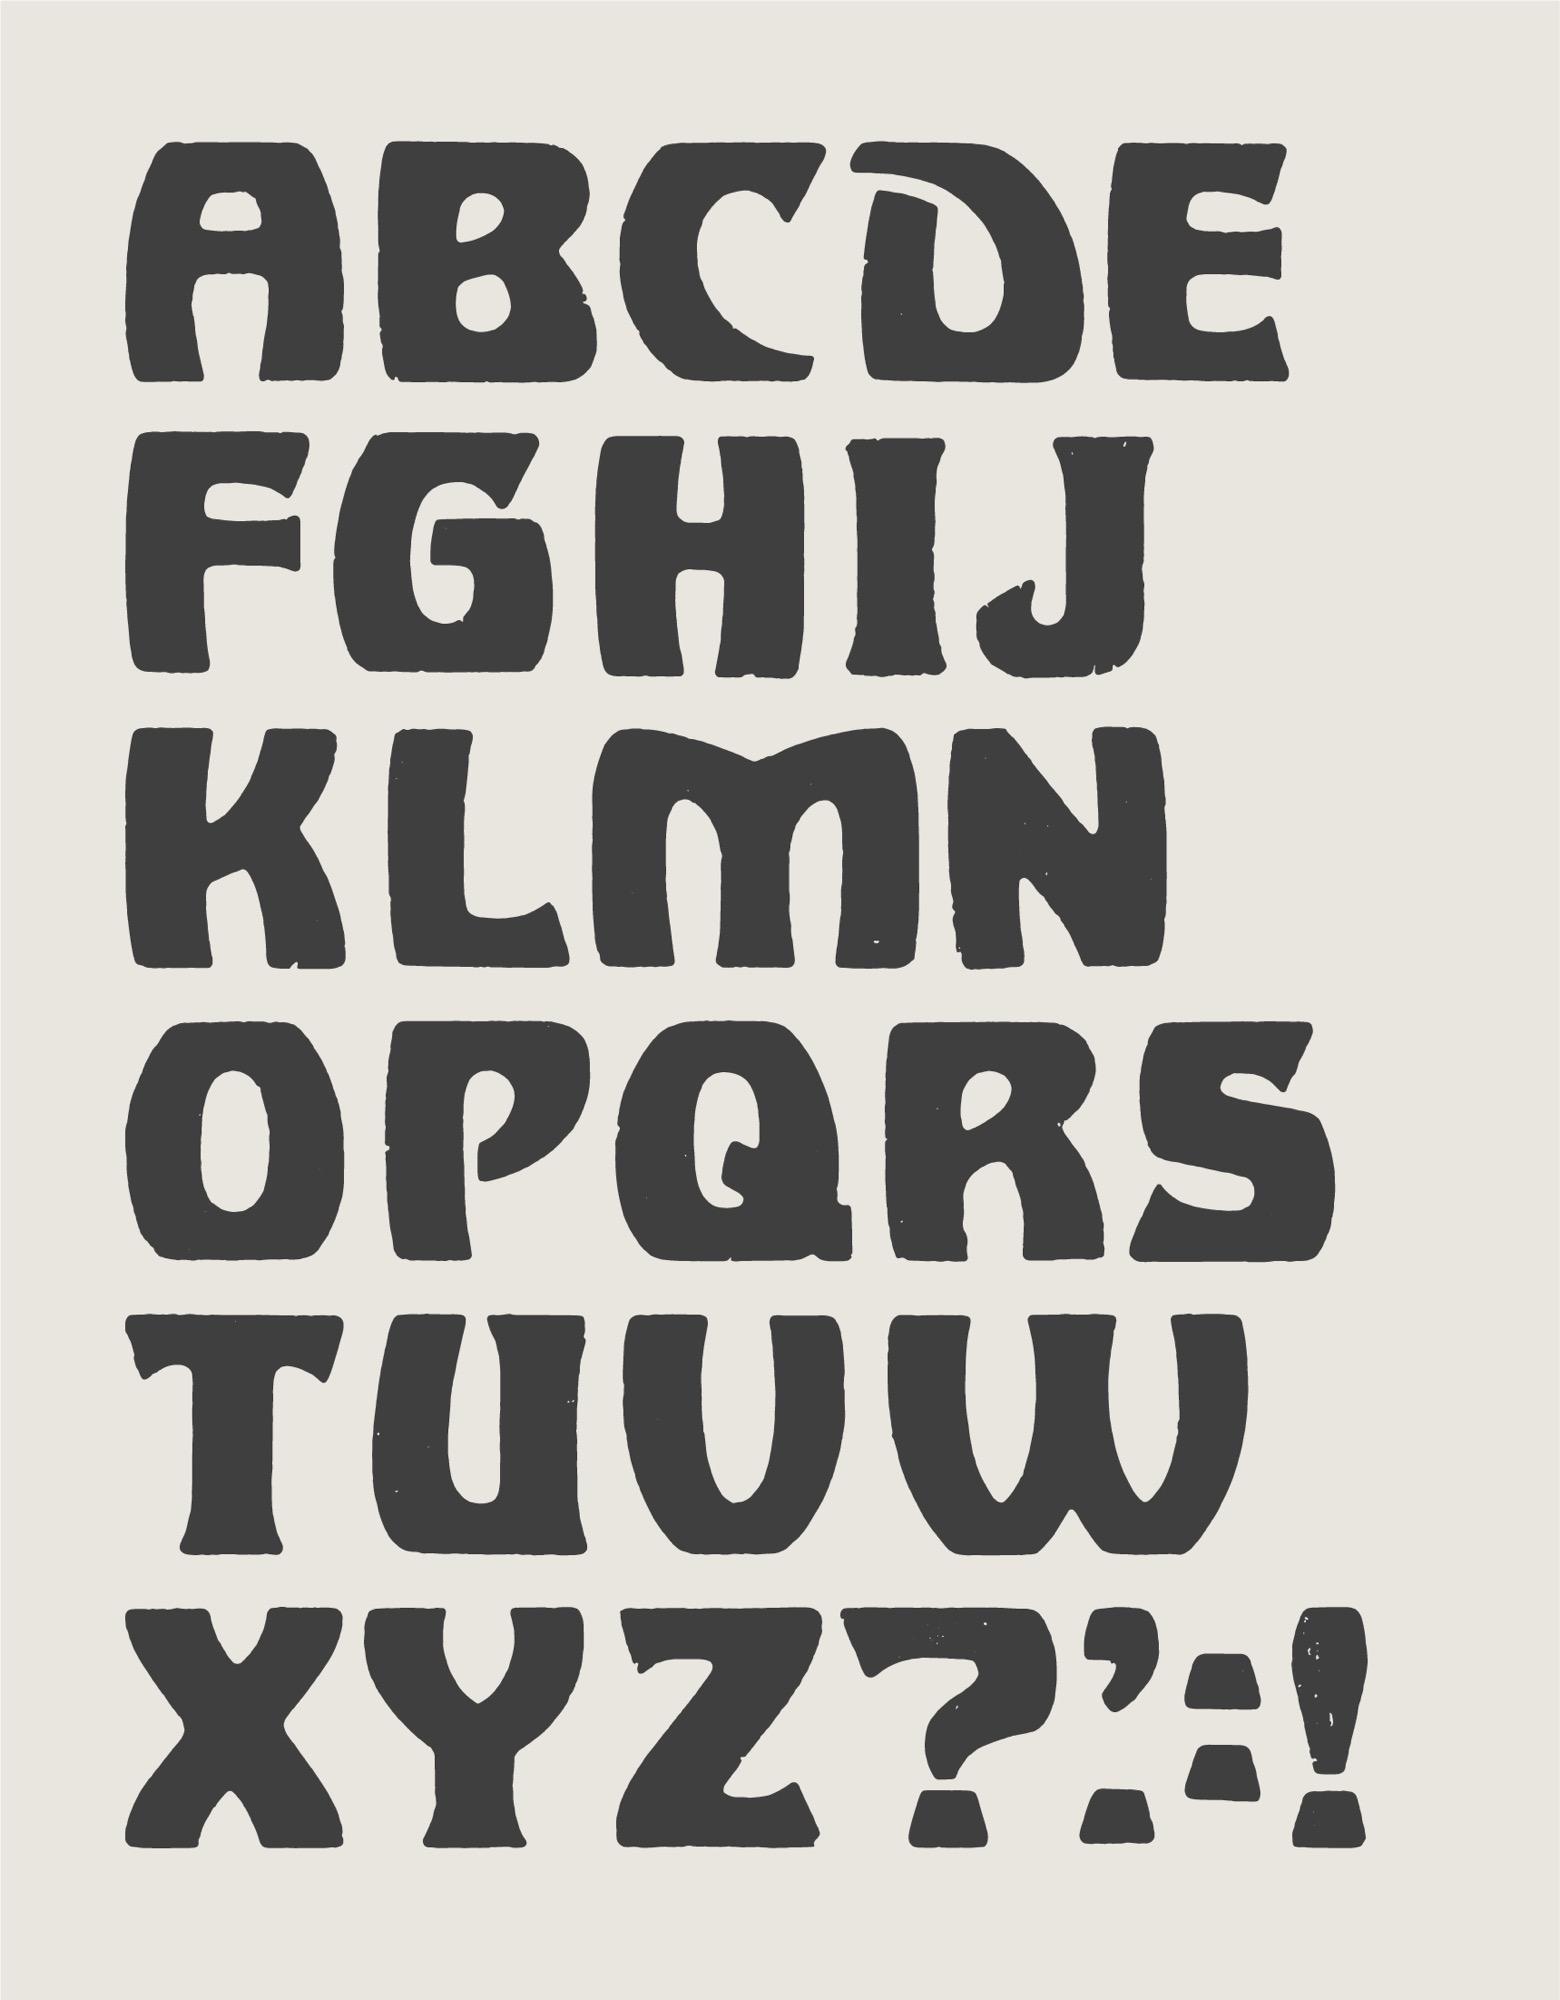 AlfabetiAbitati SpecimenPrimoNumero